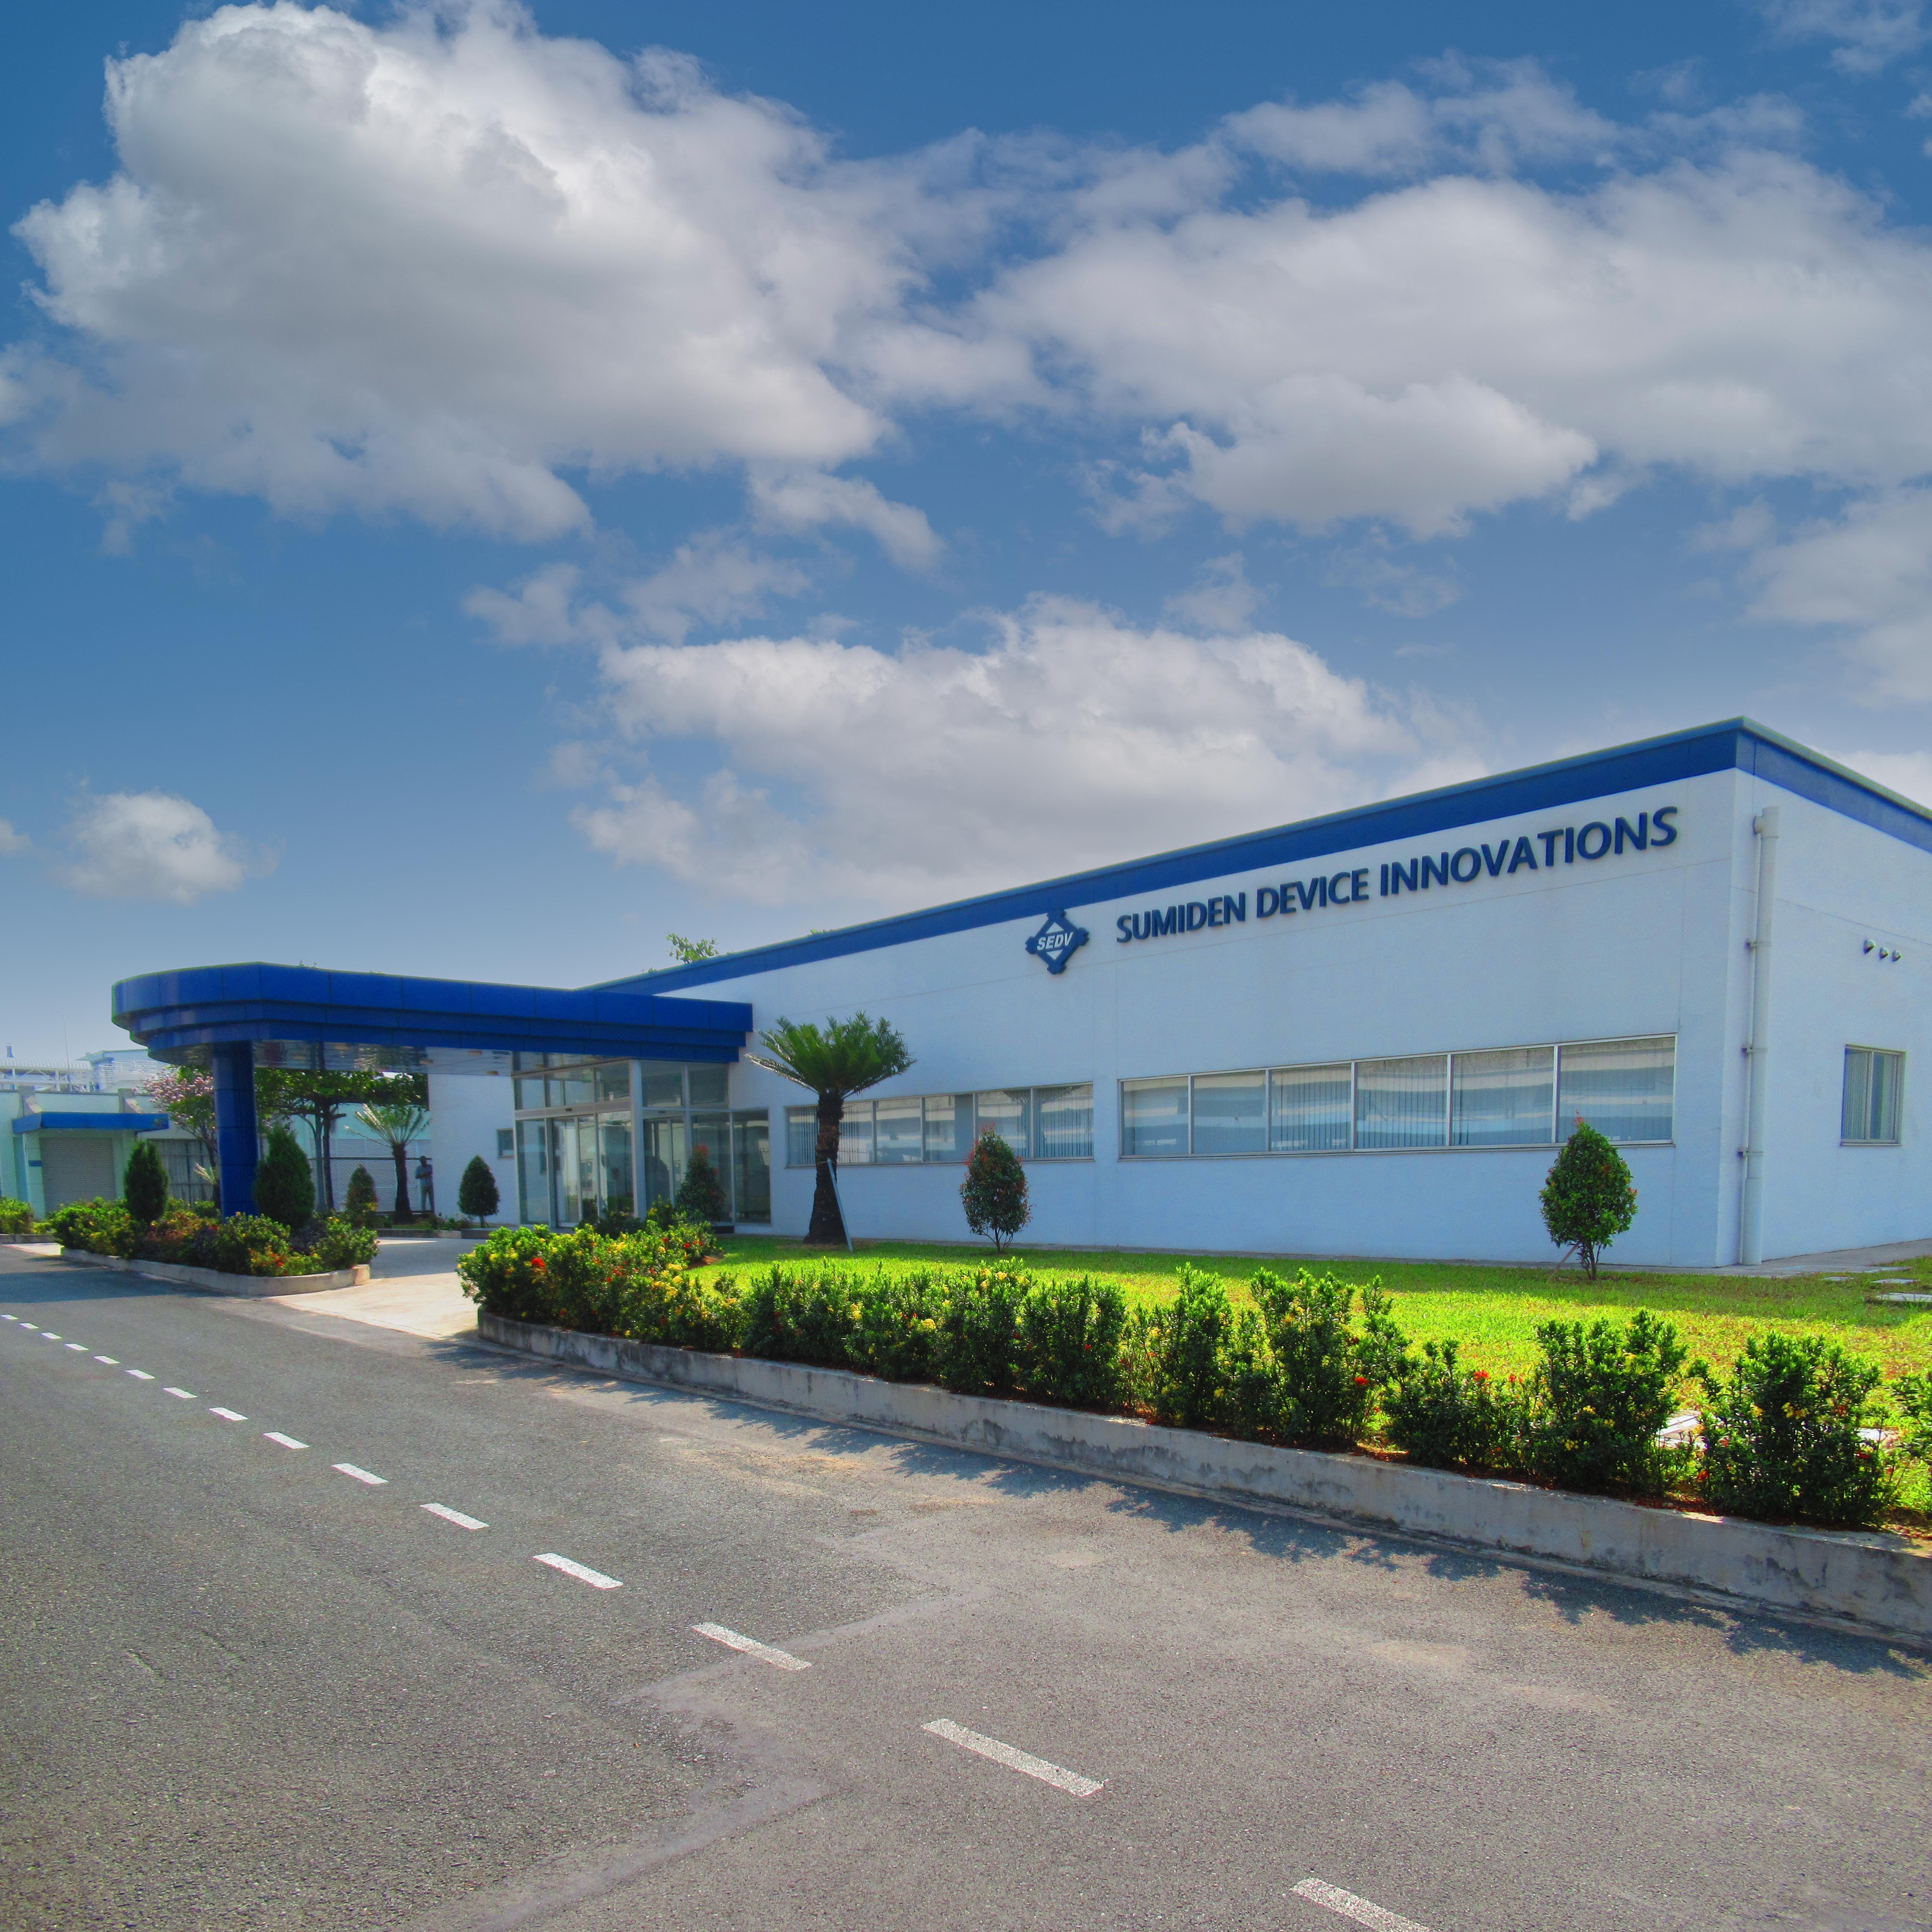 Sumiden Device Innovations Vietnam Co., Ltd